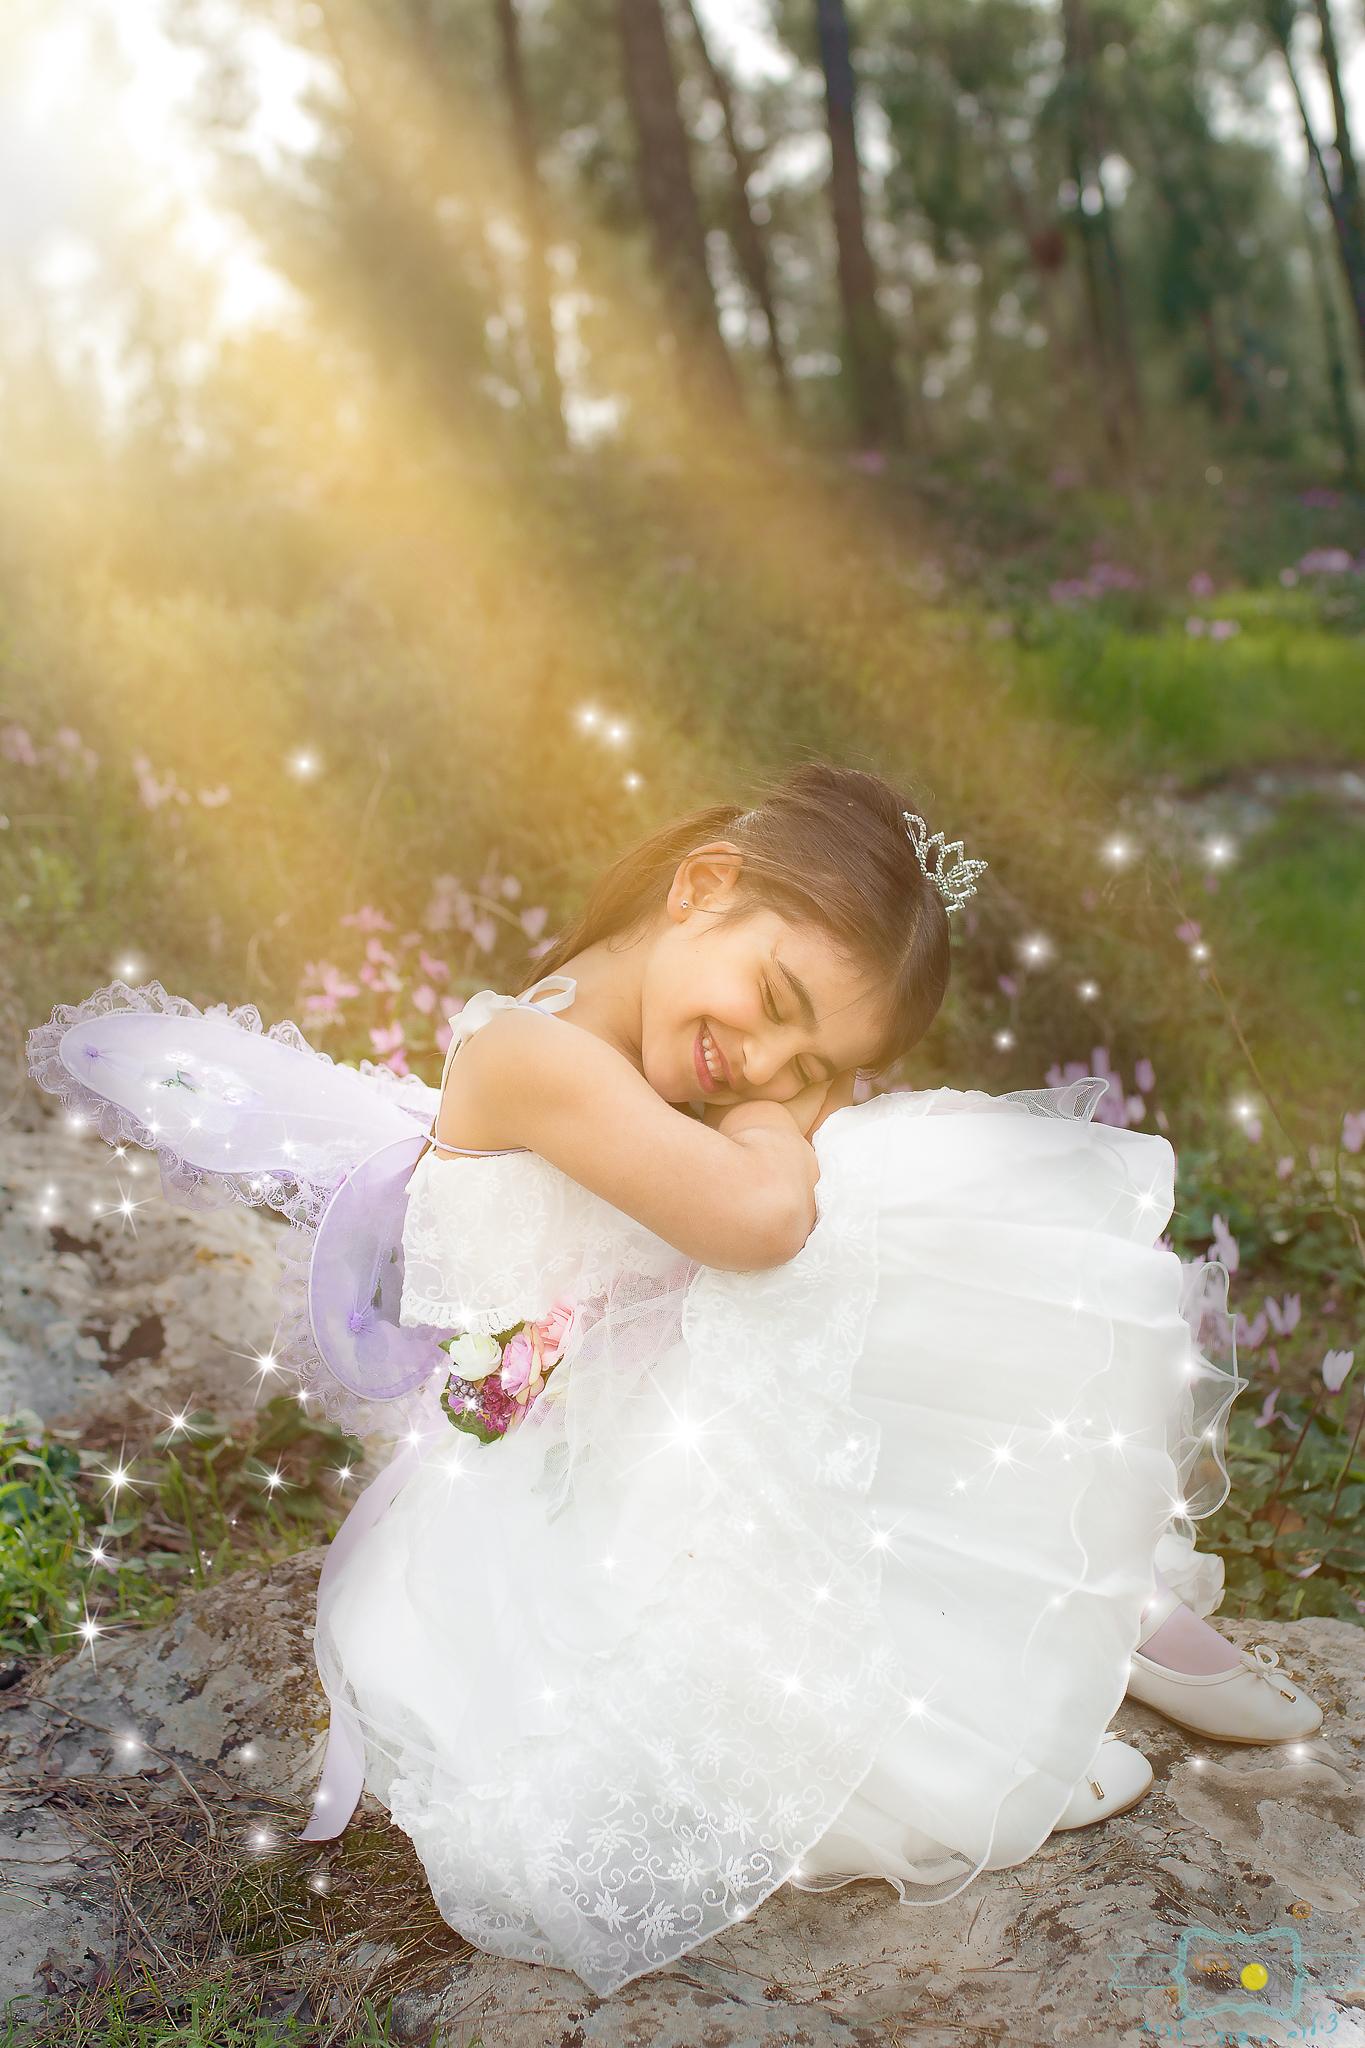 הבלון הצהוב- סטודיו לצילום ועיצוב גרפי IMG_0385-Edit פיית השקדיות- צילומי קונספט לילדים